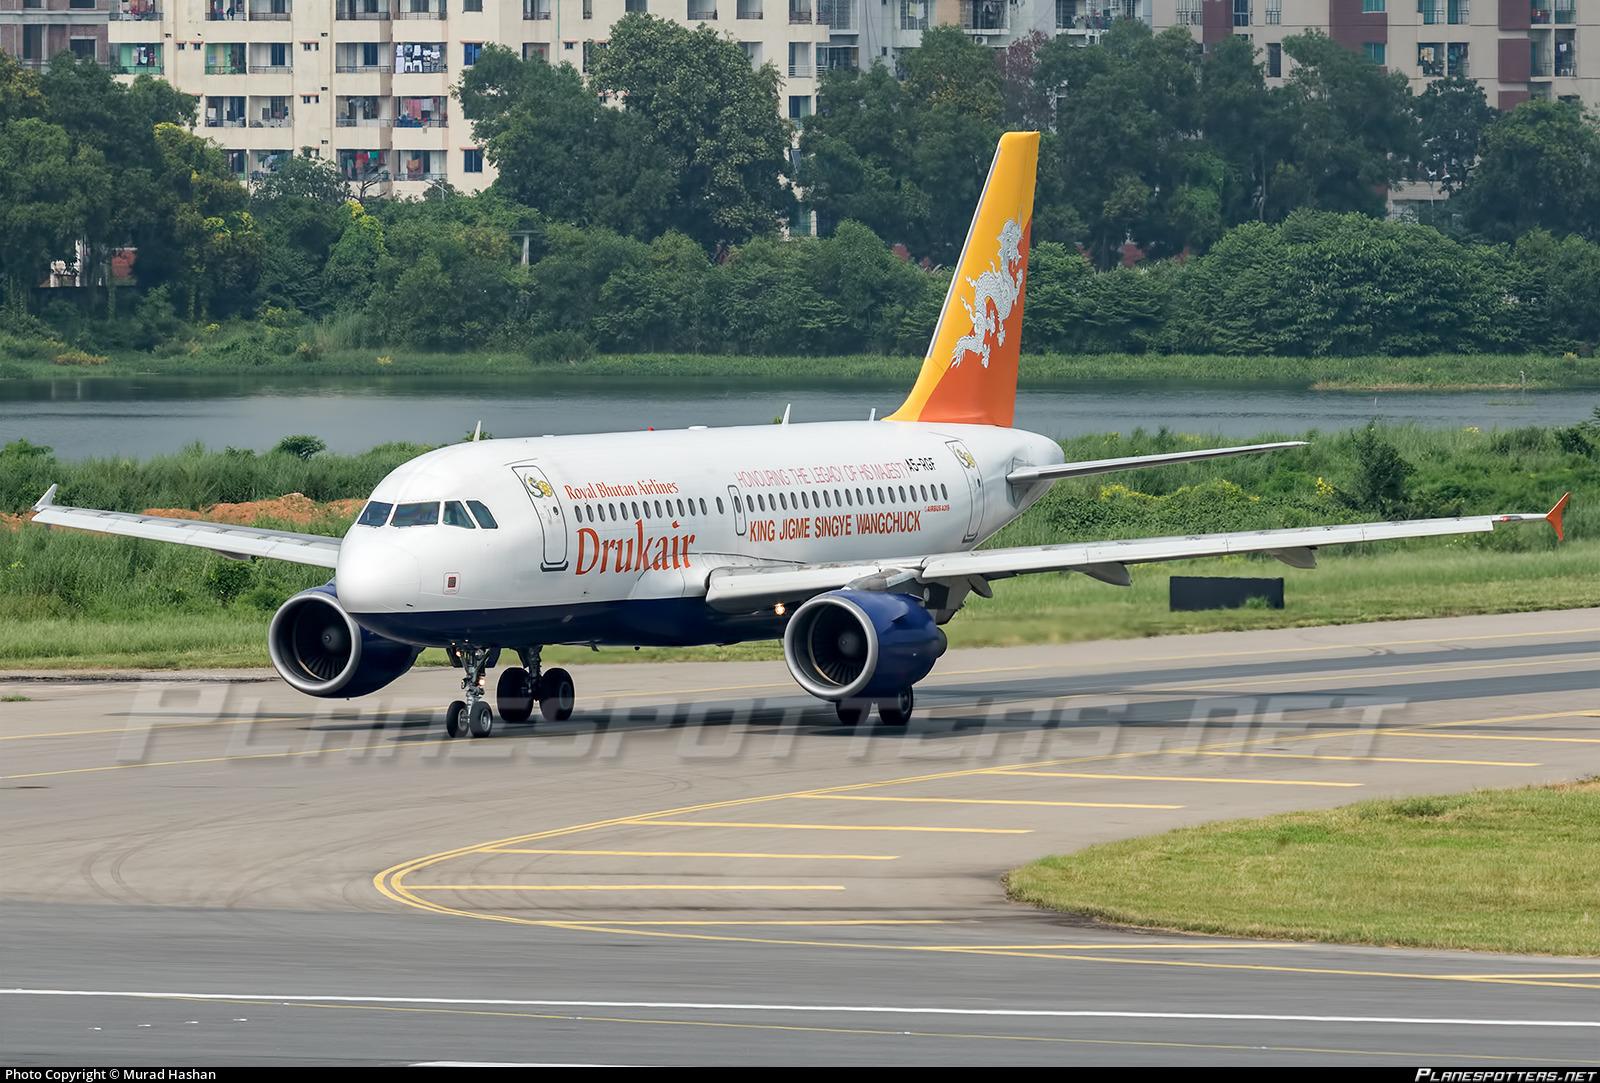 A5 Rgf Druk Air Royal Bhutan Airlines Airbus A319 115 Photo By